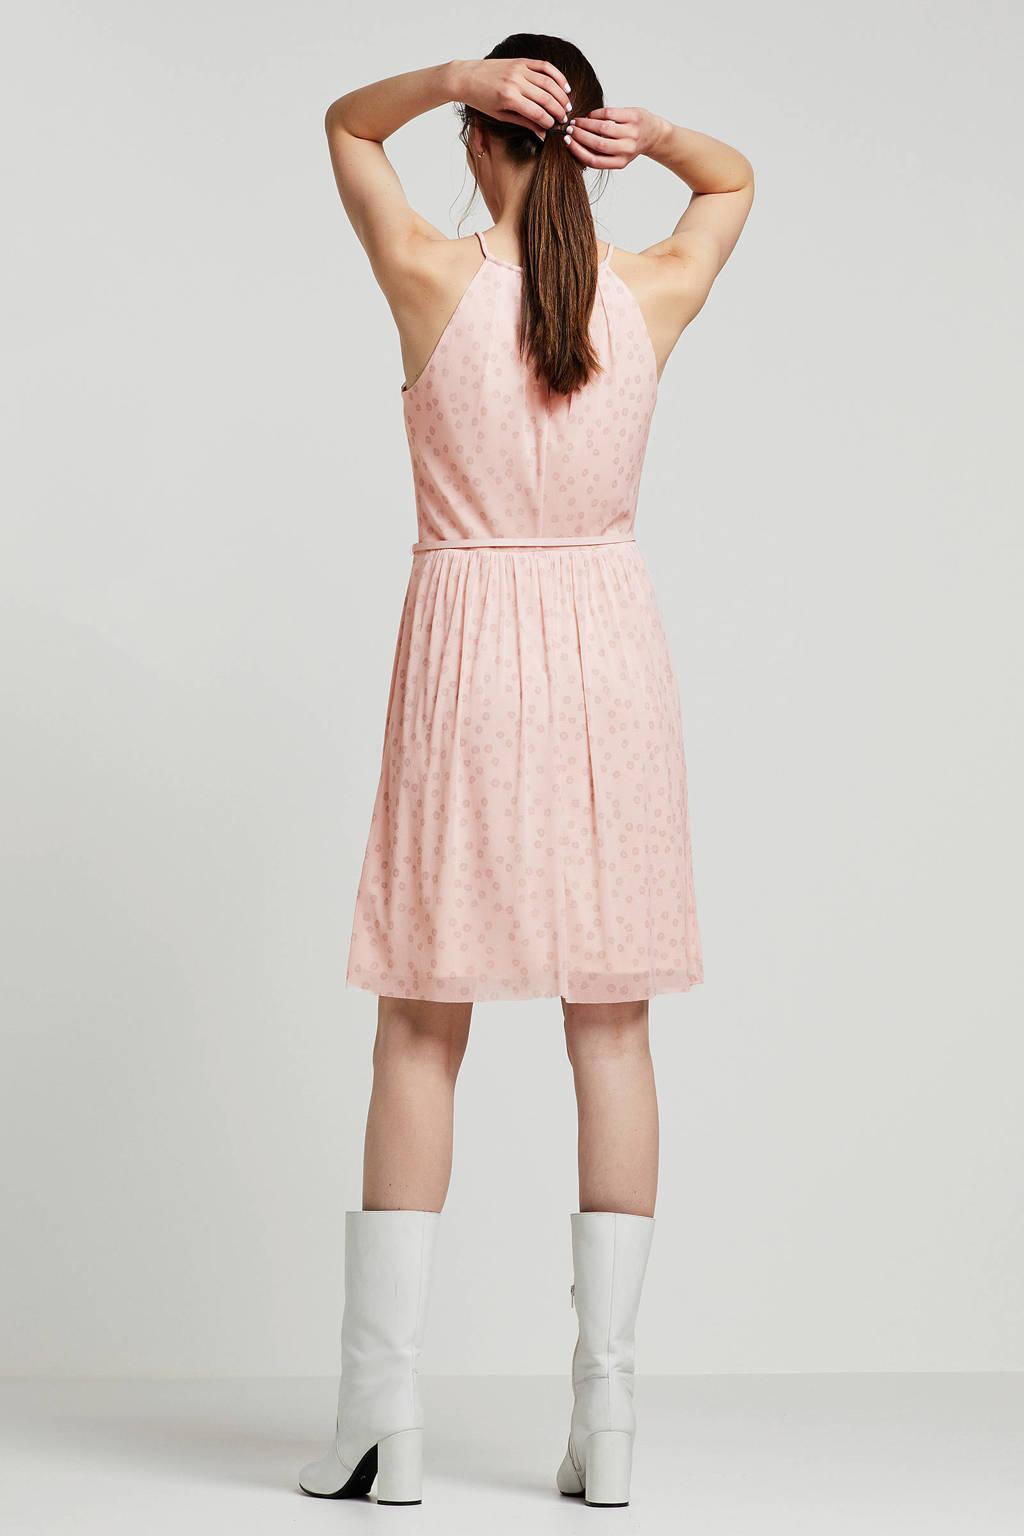 ESPRIT jurk met panterprint en ceintuur roze, Roze/grijs